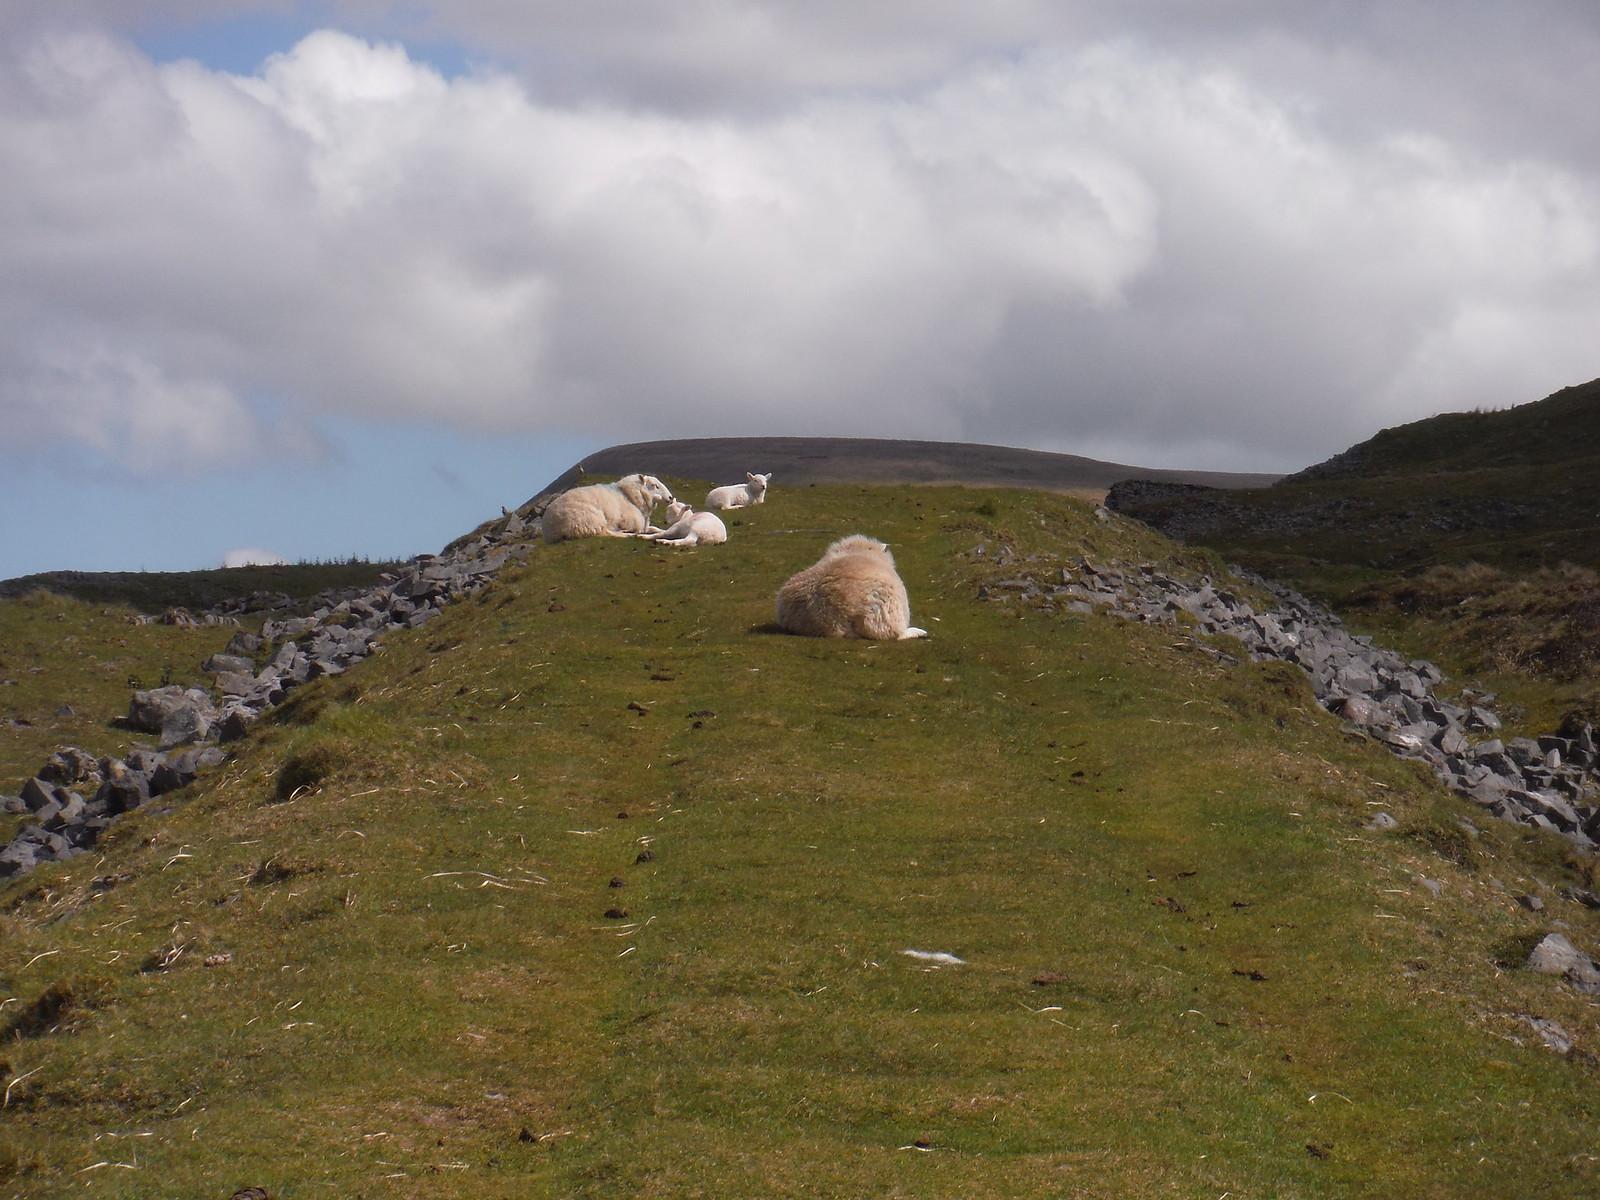 Sheep on Dismantled Tramway SWC Walk 307 - Fforest Fawr Traverse (Craig y Nos to Llwyn-y-celyn)